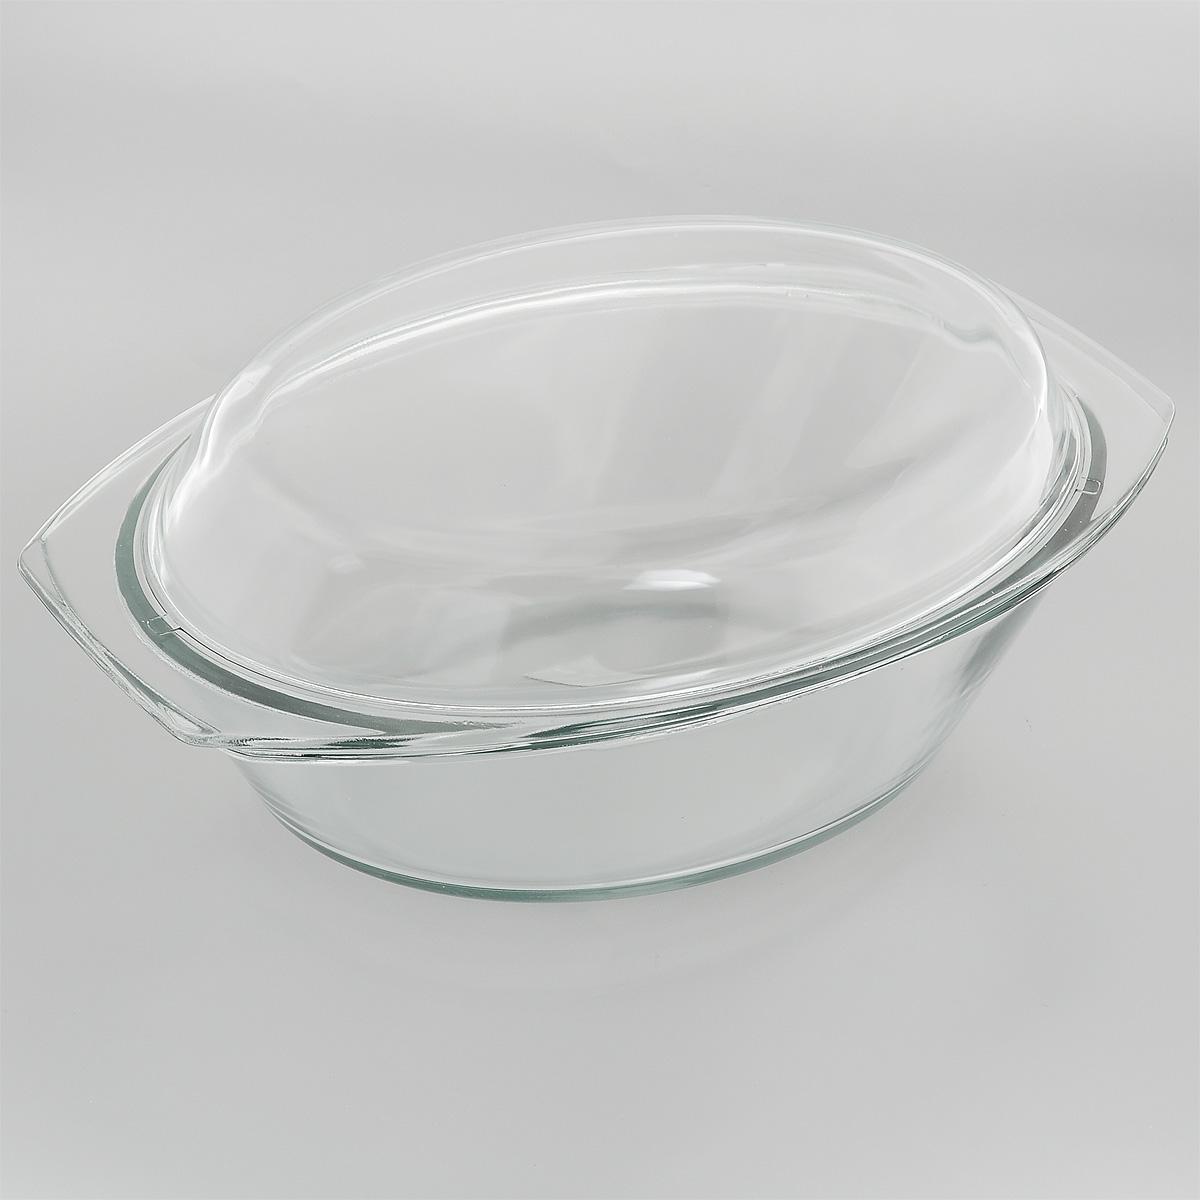 Утятница Mijotex с крышкой, 3 лPL18Утятница Mijotex выполнена из жаропрочного стекла. Форма не вступает в реакцию с готовящейся пищей, а потому не выделяет никаких вредных веществ, не подвергается воздействию кислот и солей. Стеклянная посуда очень удобна для приготовления и подачи самых разнообразных блюд. Стекло выдерживает температуру от - 40°C до +400°C. Благодаря прозрачности стекла, за едой можно наблюдать при ее приготовлении, еду можно видеть при подаче, хранении. Используя эту форму, вы можете, как приготовить пищу, так и изящно подать ее к столу, не меняя посуды. Крышка выполнена из стекла и может быть использована также отдельно для приготовления и подачи различных блюд. Форма может быть использована в духовке, микроволновой печи и морозильной камере. Можно мыть в посудомоечной машине. Размер утятницы: 34 см х 20,5 см х 9 см. Размер крышки: 35 см х 21 см х 4,5 см. Высота утятницы (с учетом крышки): 13 см.